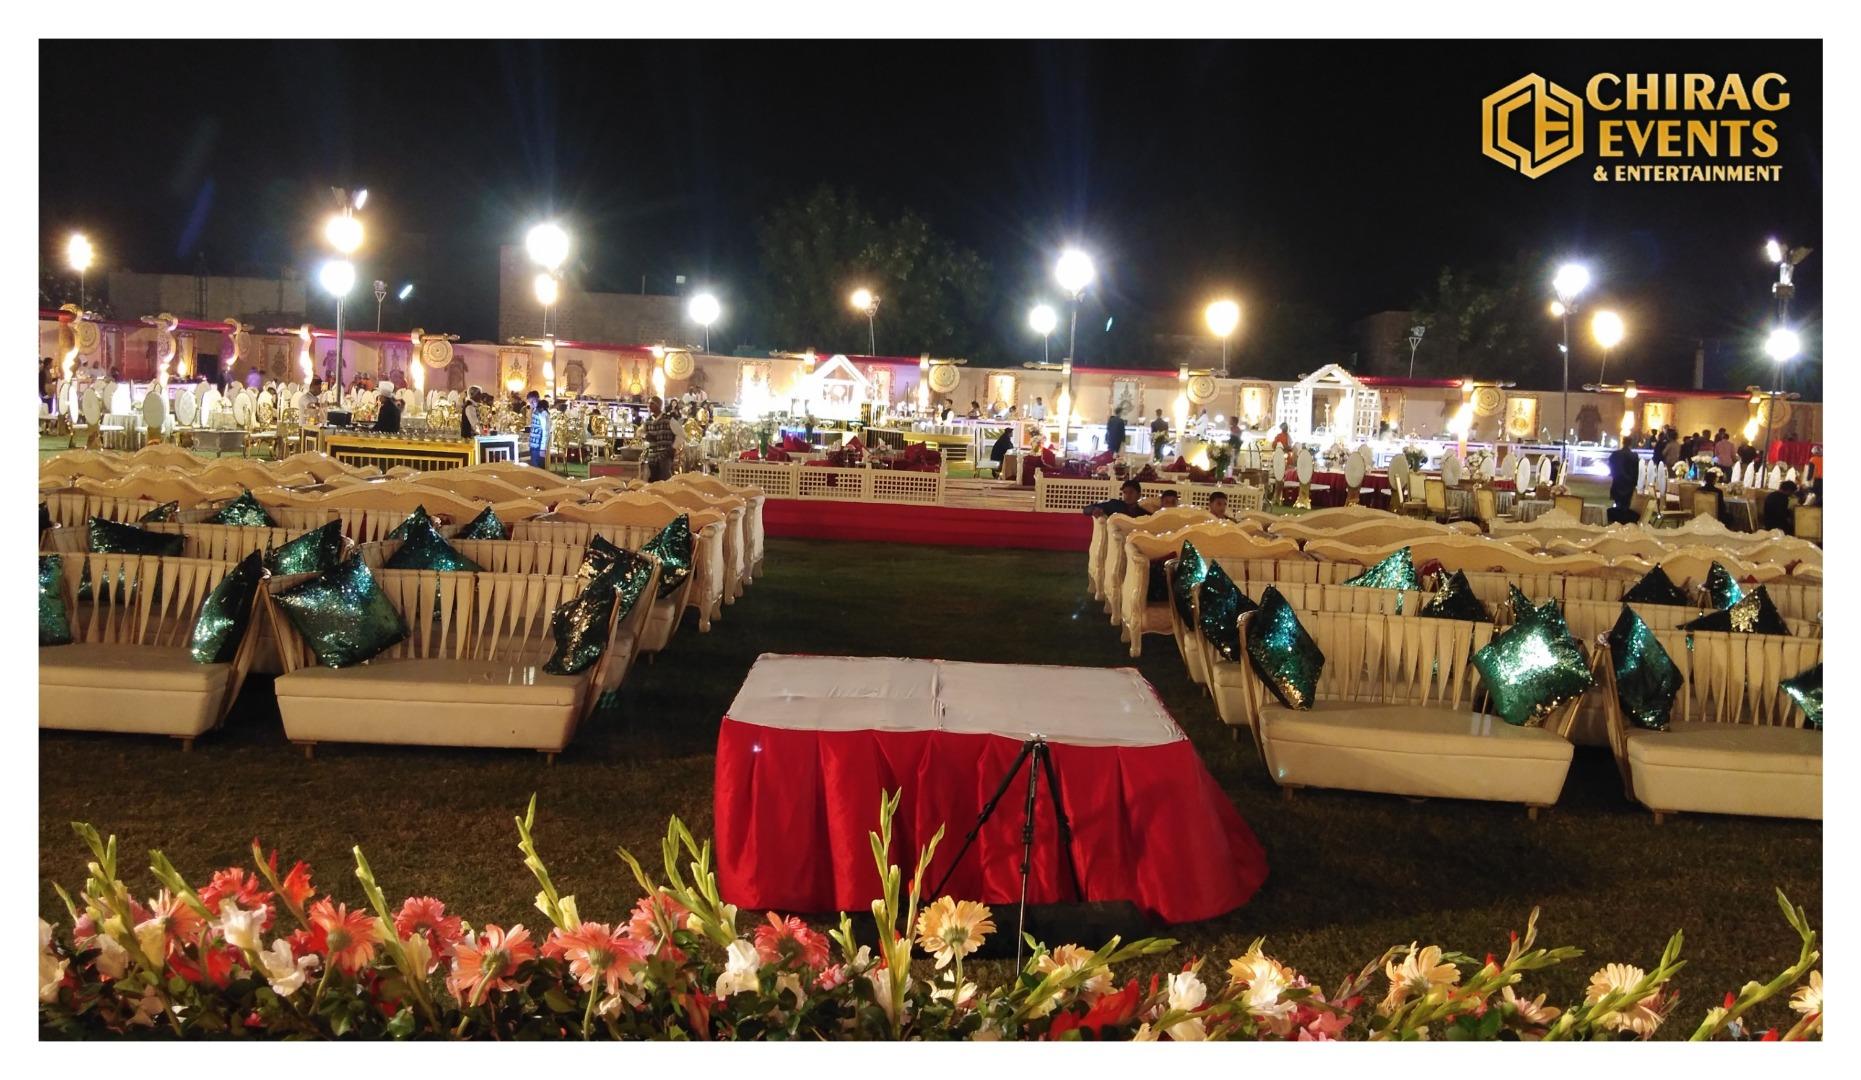 outdoor wedding venue decorated